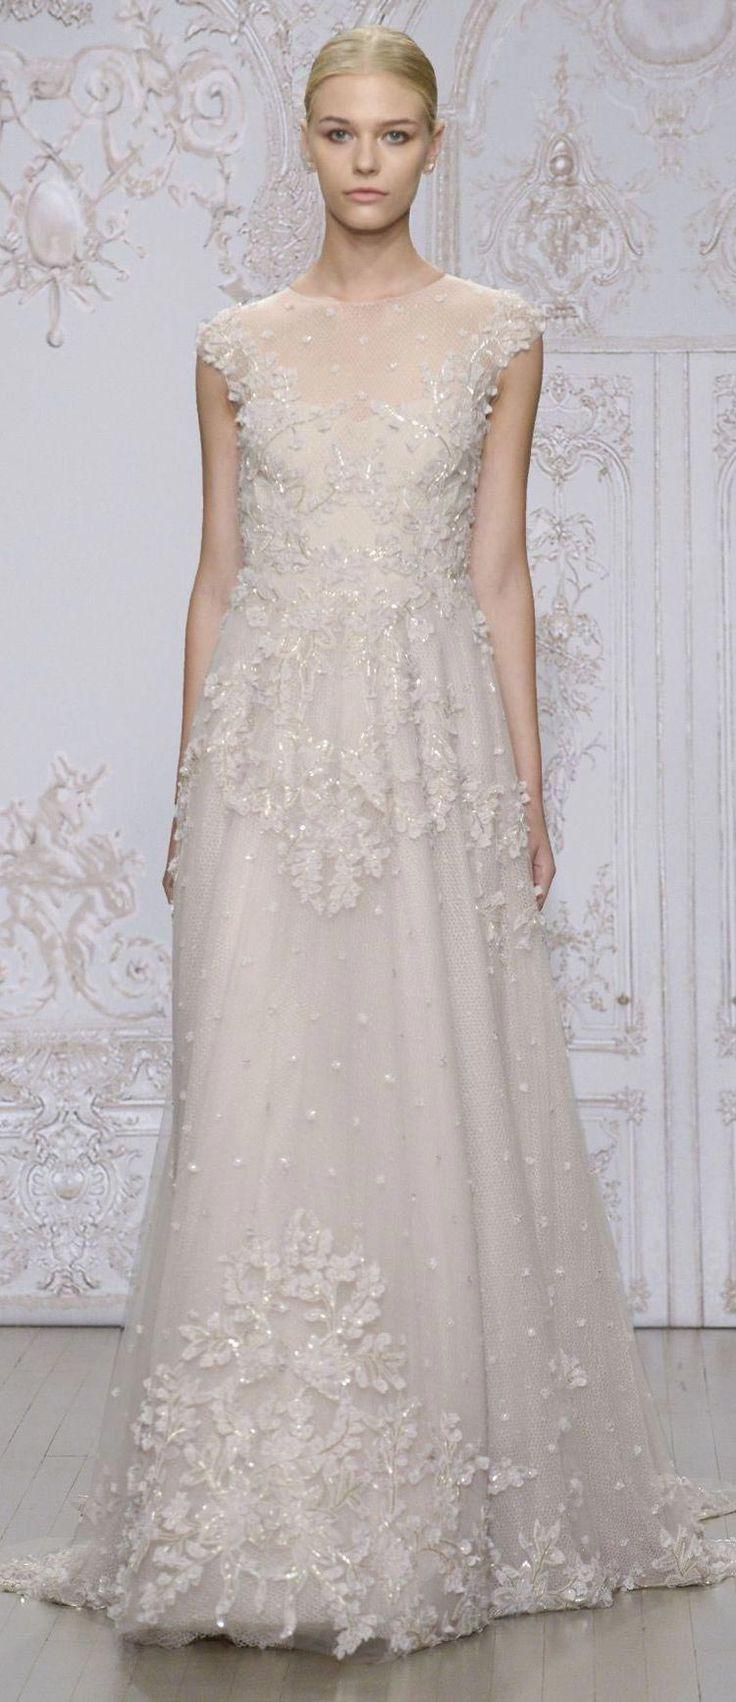 Les 15 meilleures images du tableau monique lhuillier for Monique lhuillier robes de mariage